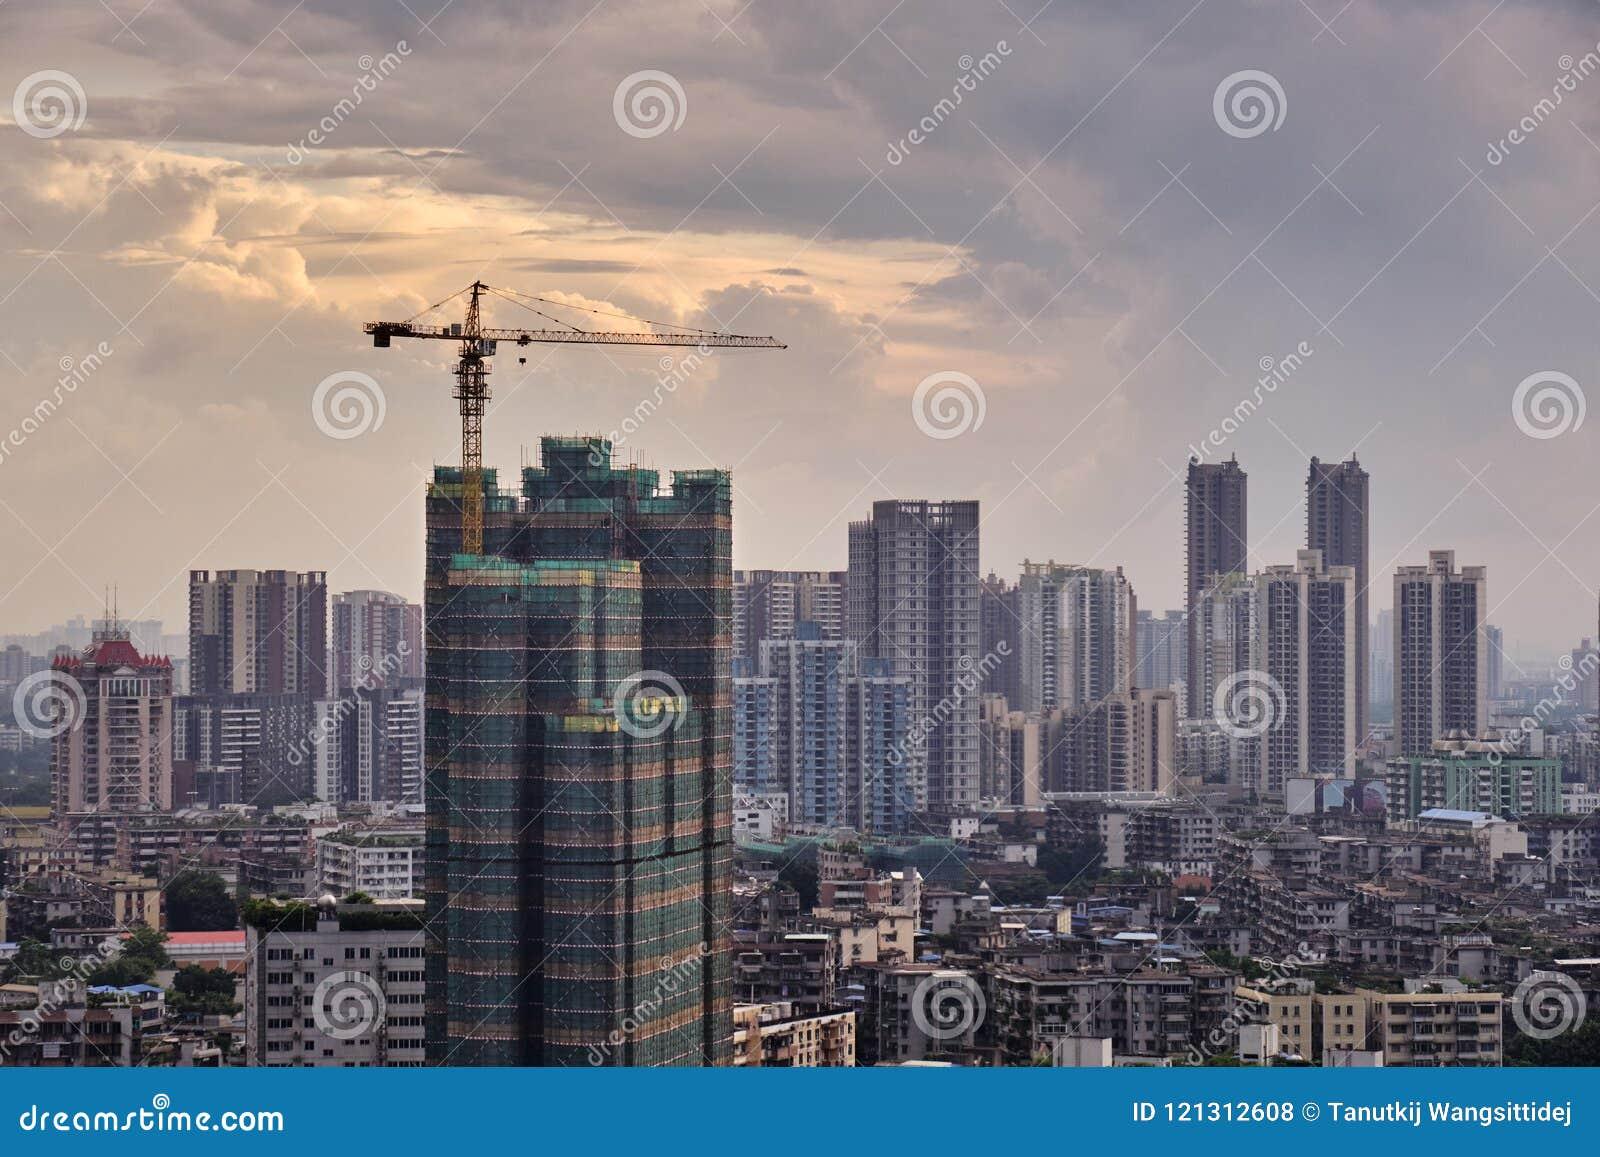 Solnedgångsikt av under-konstruktionsbyggnad och många hög-slut företag liksom finans, försäkring, fastighet, Guangzhou stad,